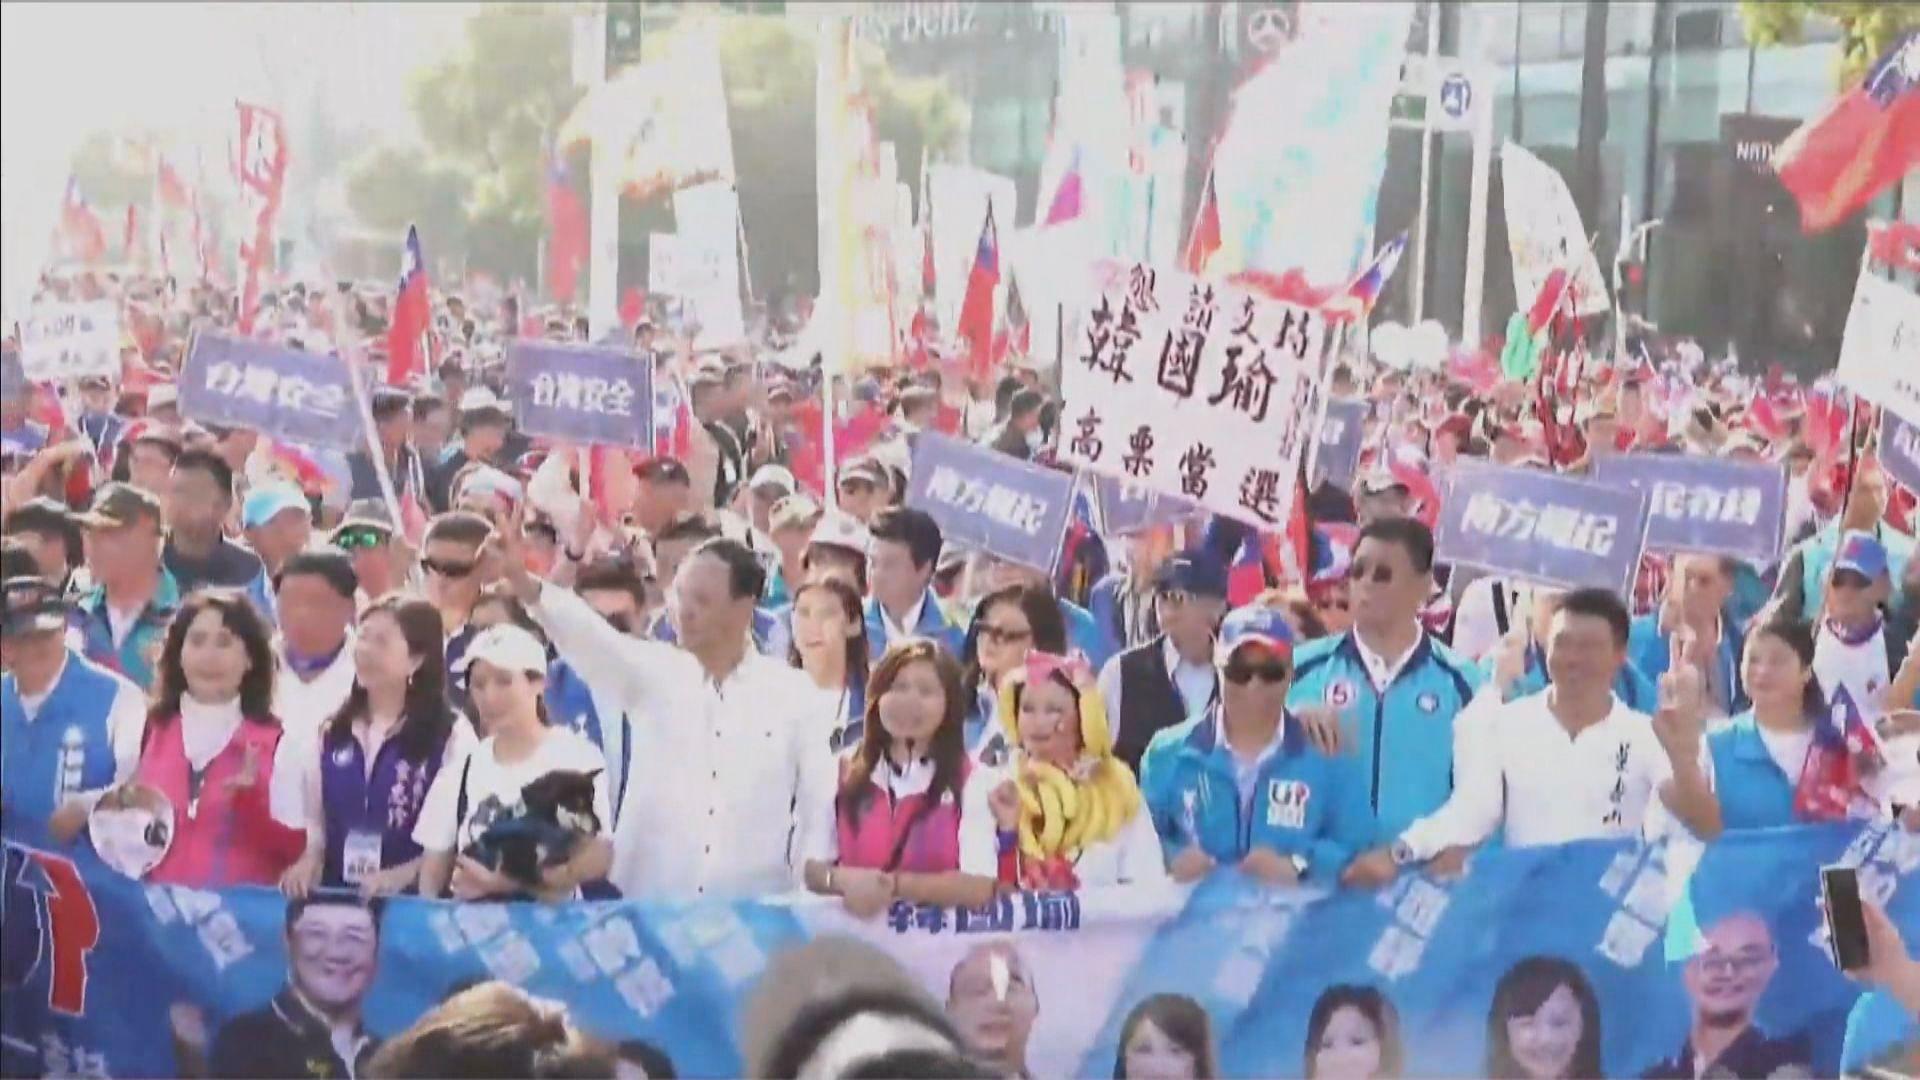 台灣高雄分別有支持及要求罷免市長韓國瑜遊行